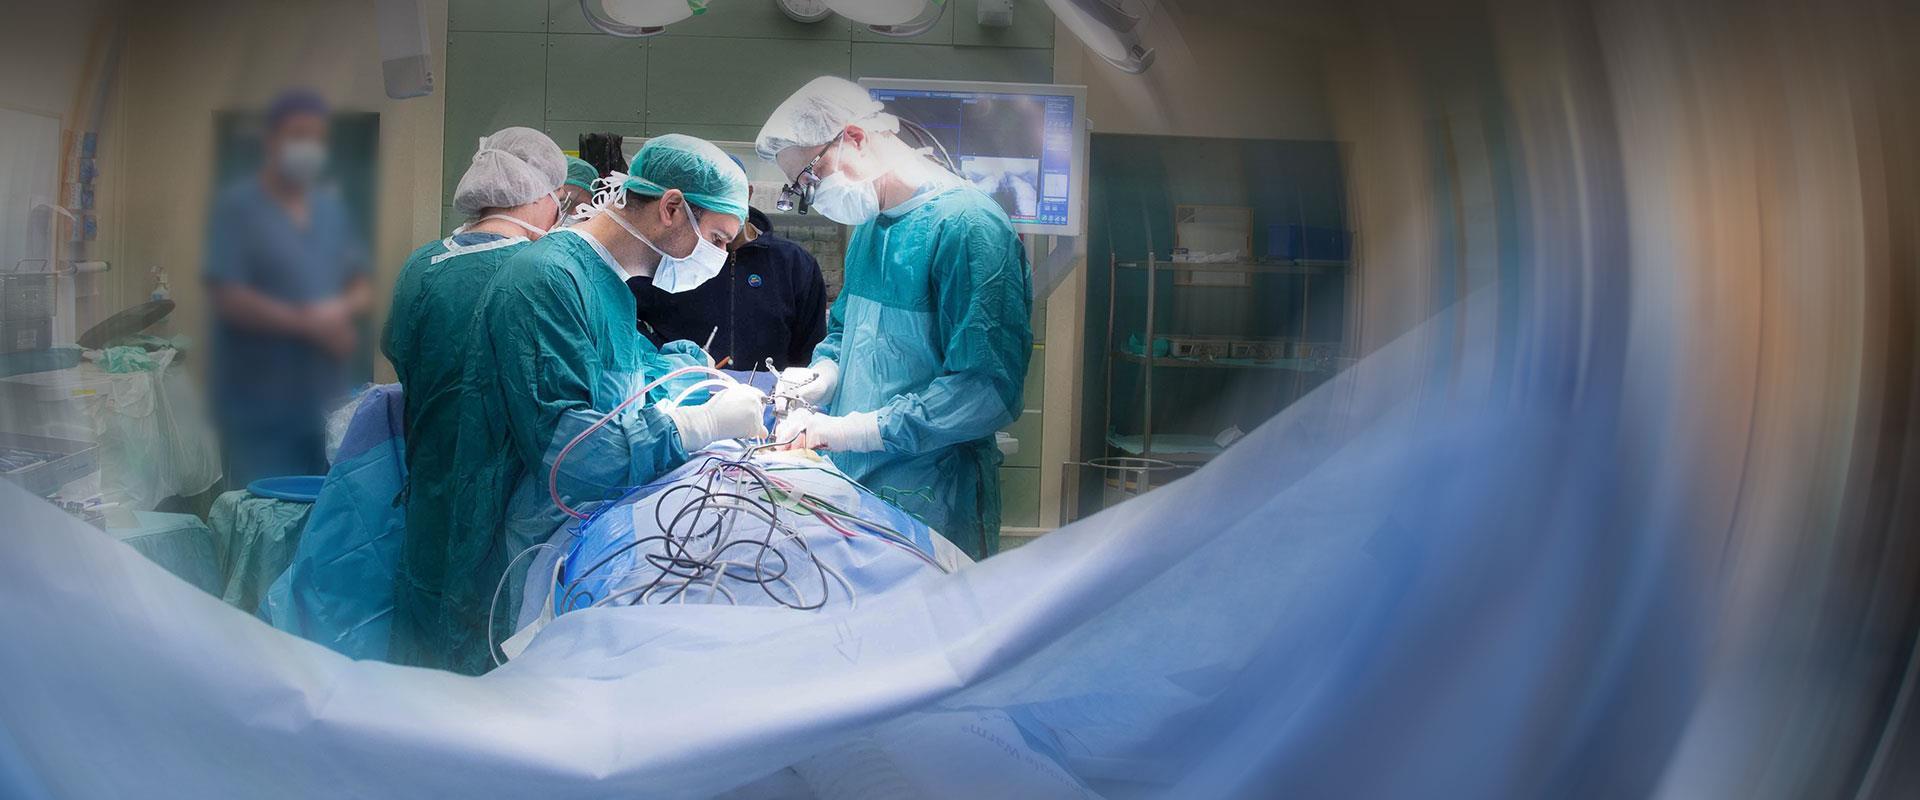 Tel Aviv Sourasky Medical Center – Ichilov Hospital